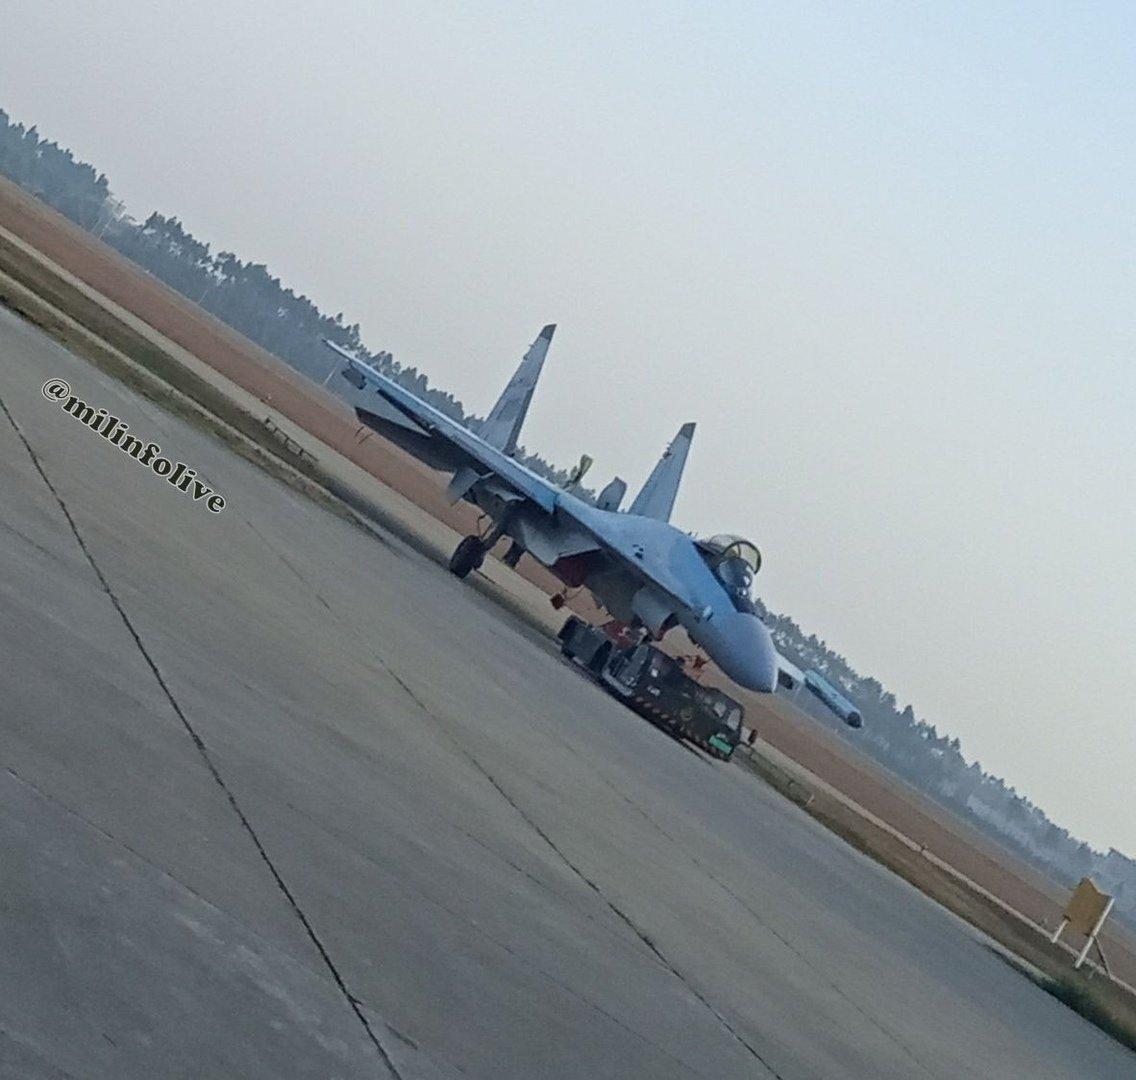 الصين ستتسلم الدفعة الأولى من مقاتلات Sukhoi-35 قبل حلول 25 ديسمبر الجاري وتشمل 4 مقاتلات D03ZmmPVAAAzsor